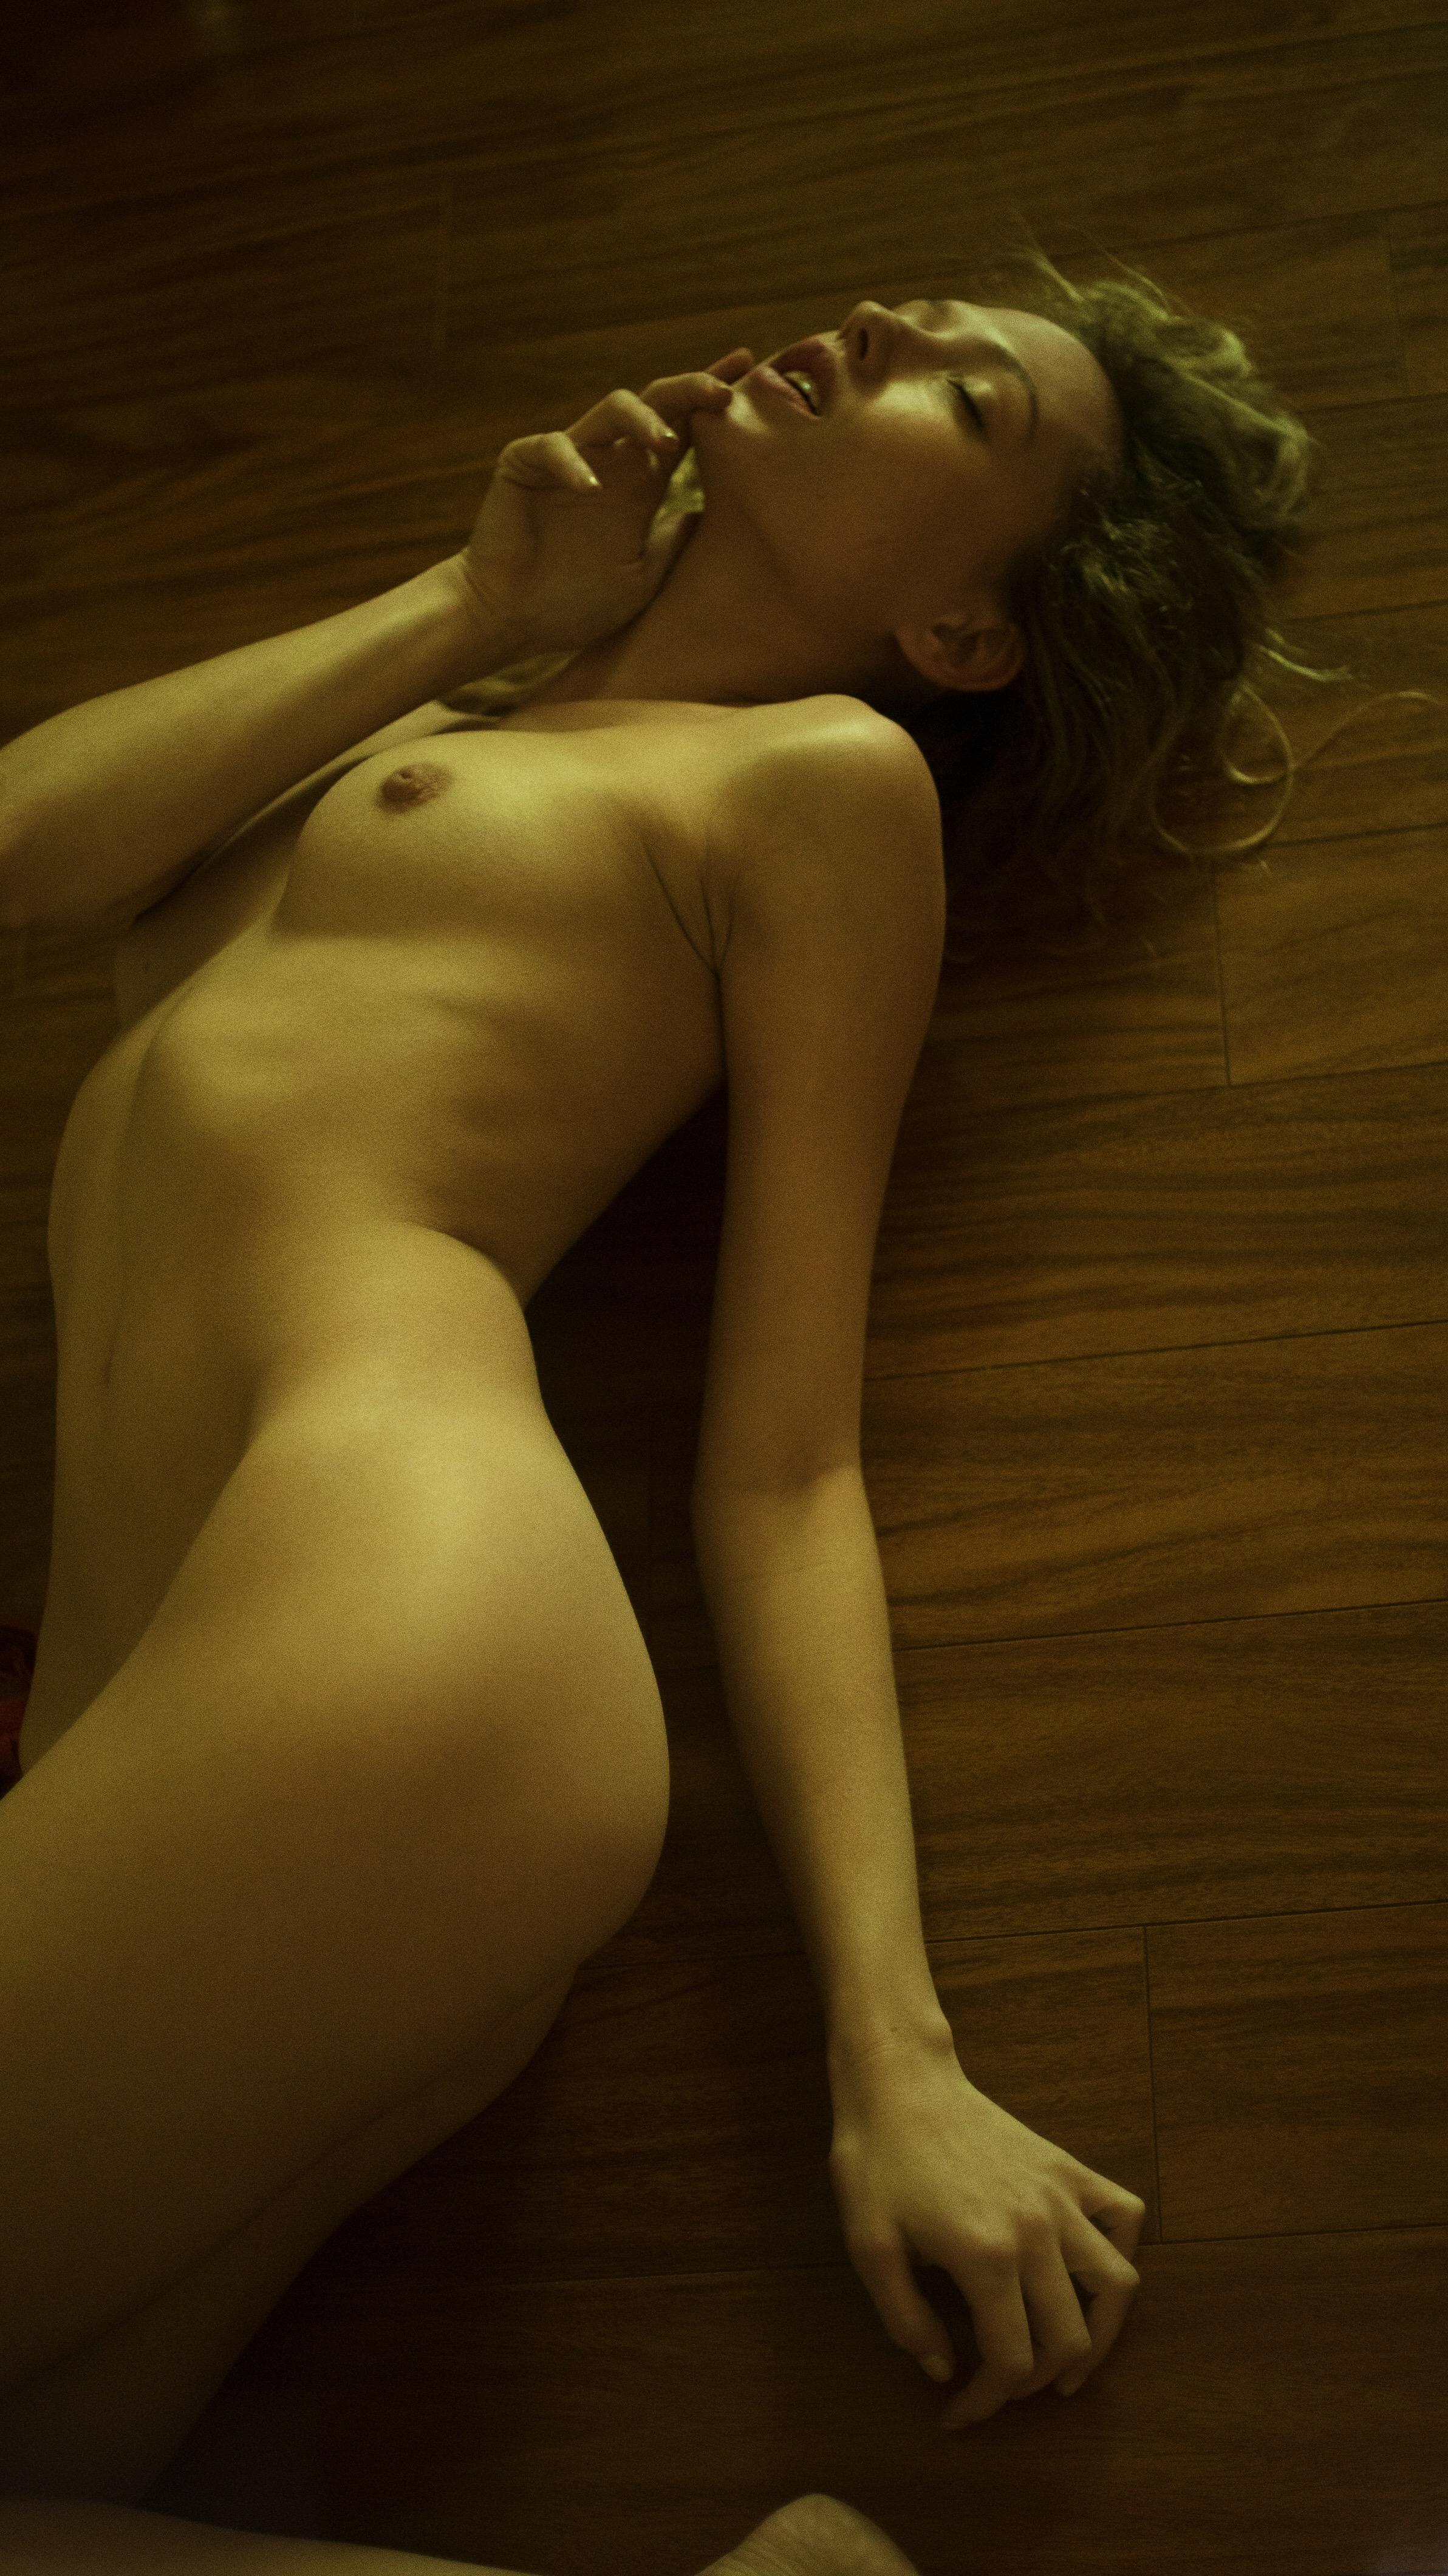 Scarlett013